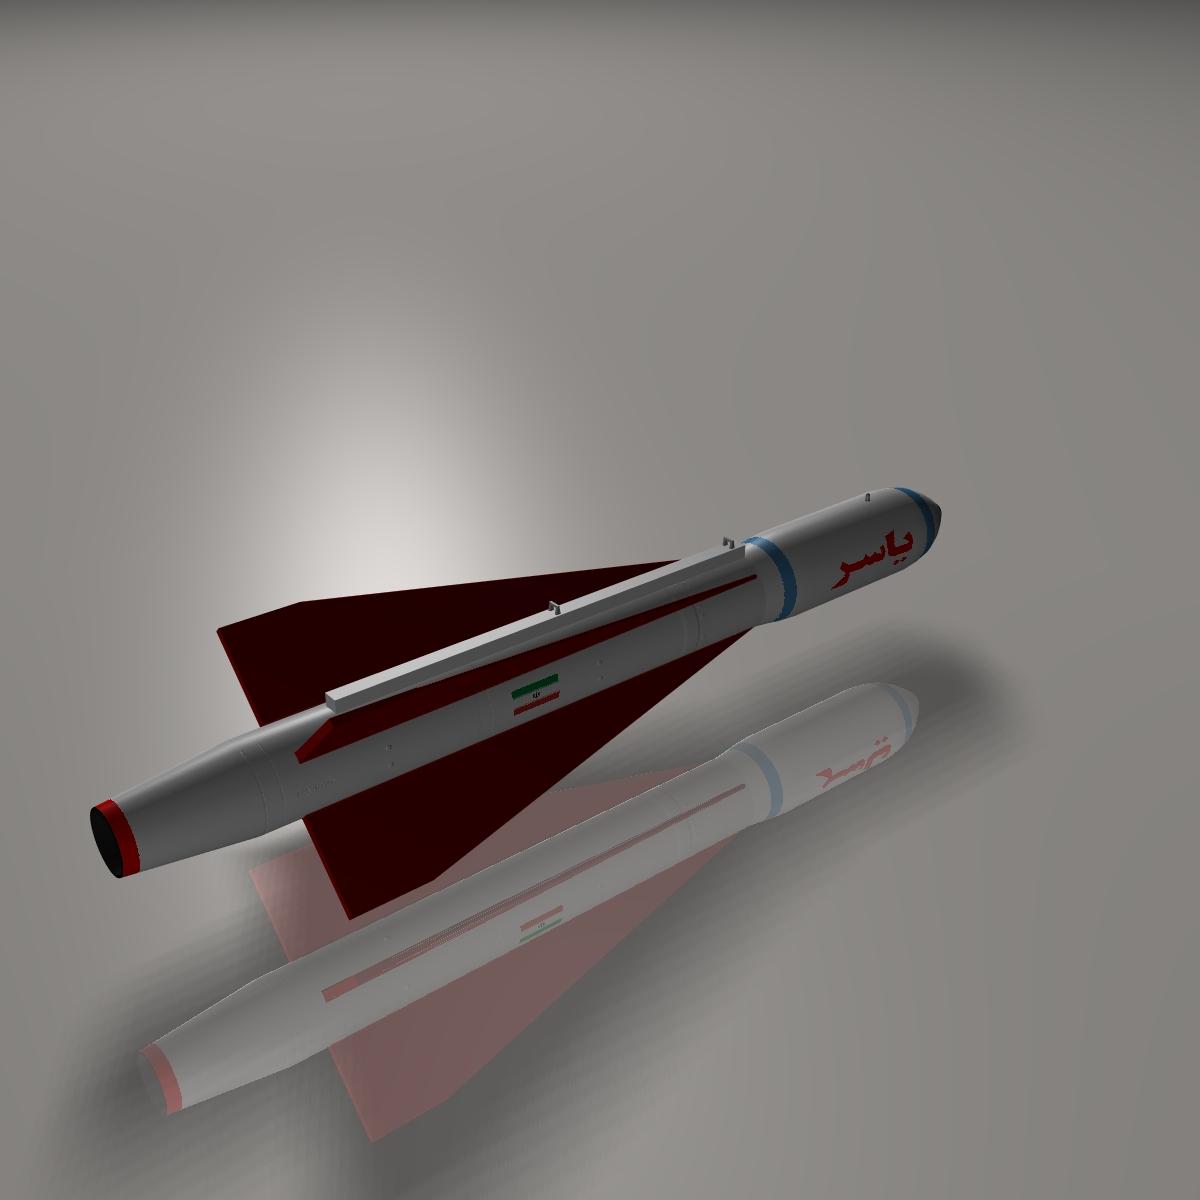 iranian yasser asm missile 3d model 3ds dxf cob x obj 150571